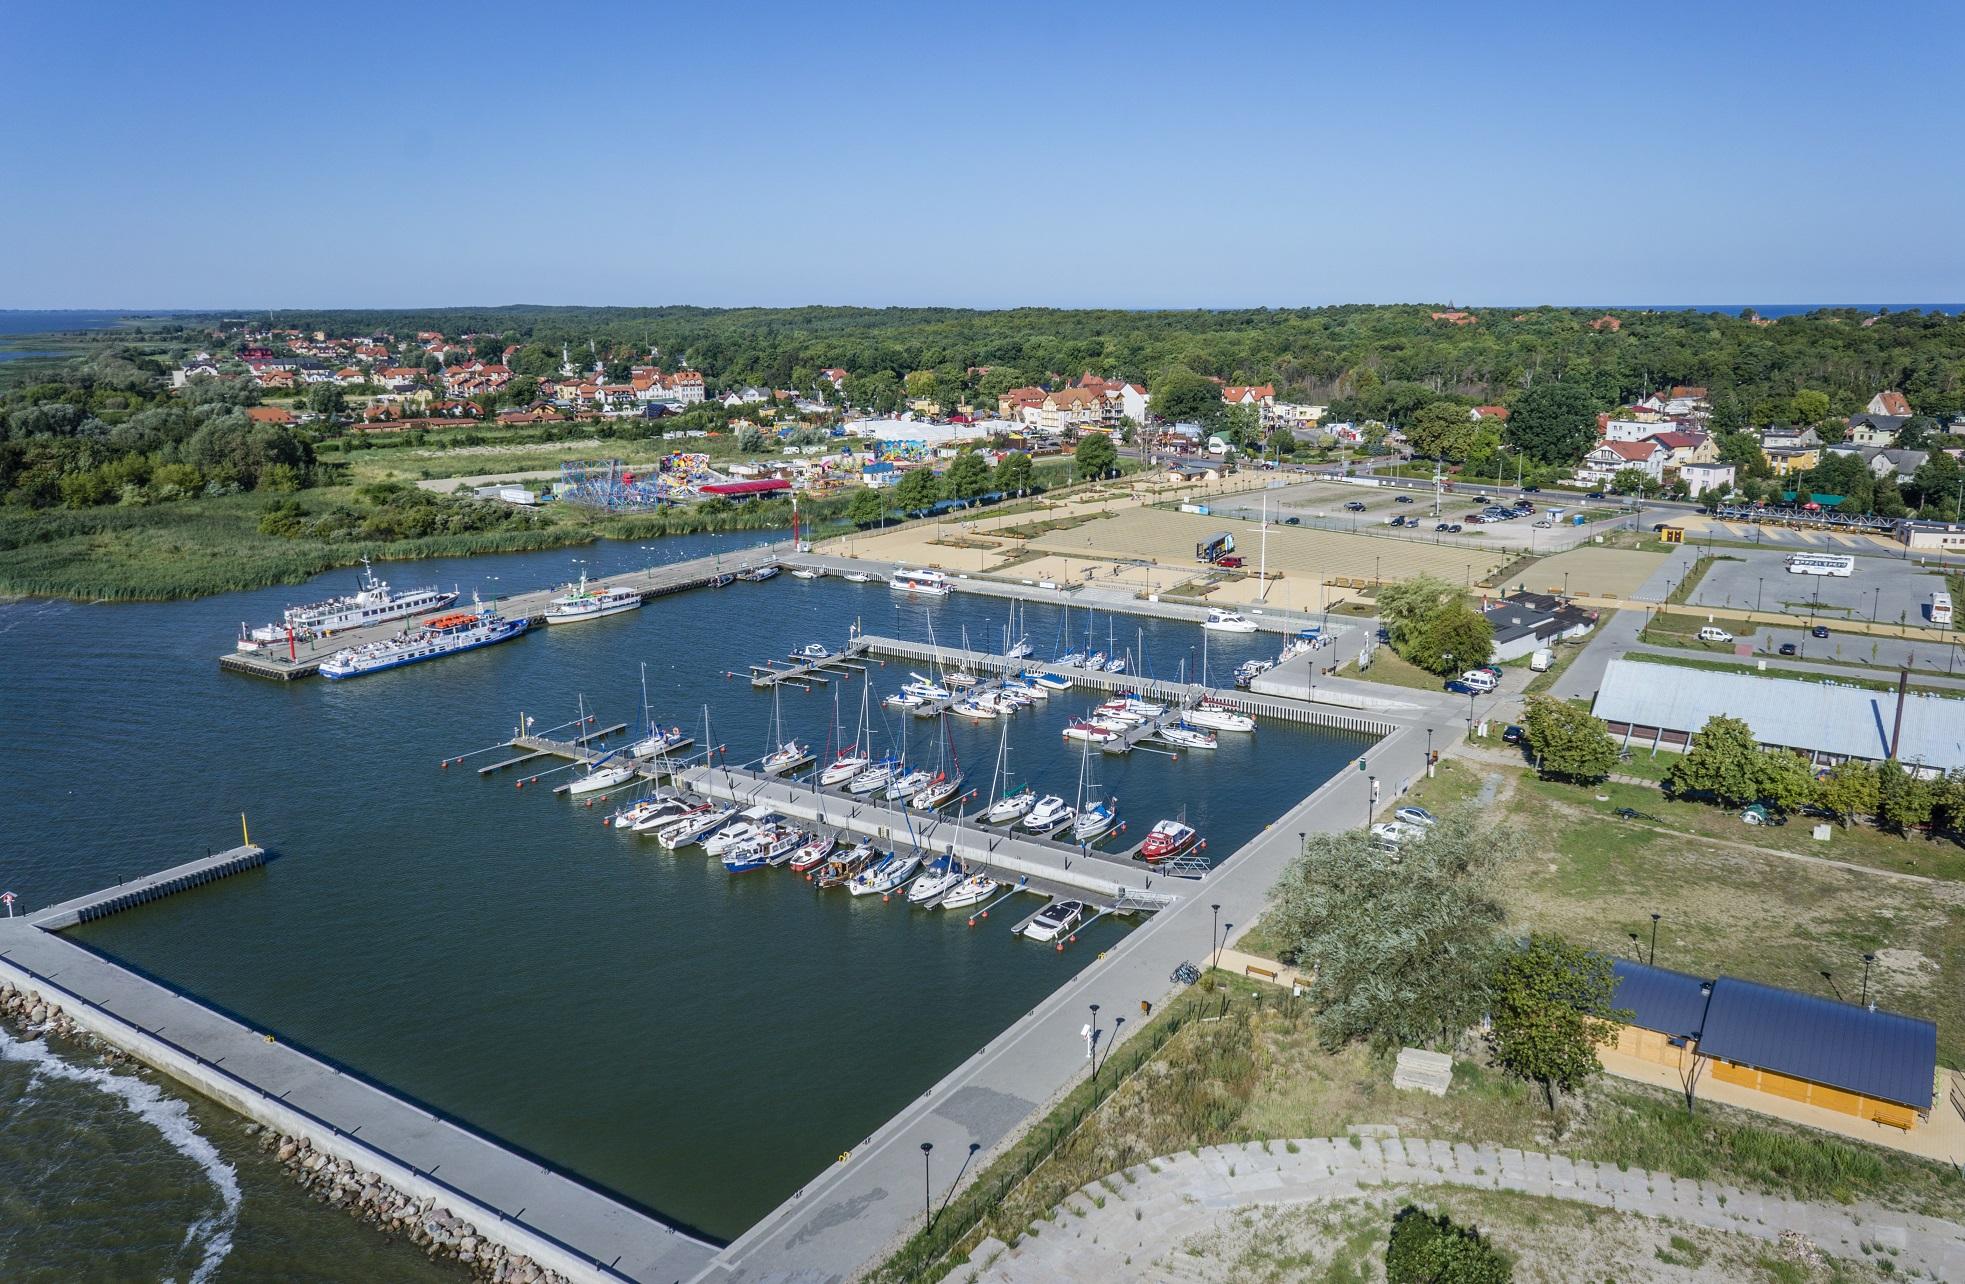 Ponad 21 mln zł unijnego dofinansowania na wsparcie atrakcyjności walorów dziedzictwa przyrodniczego w pomorskim